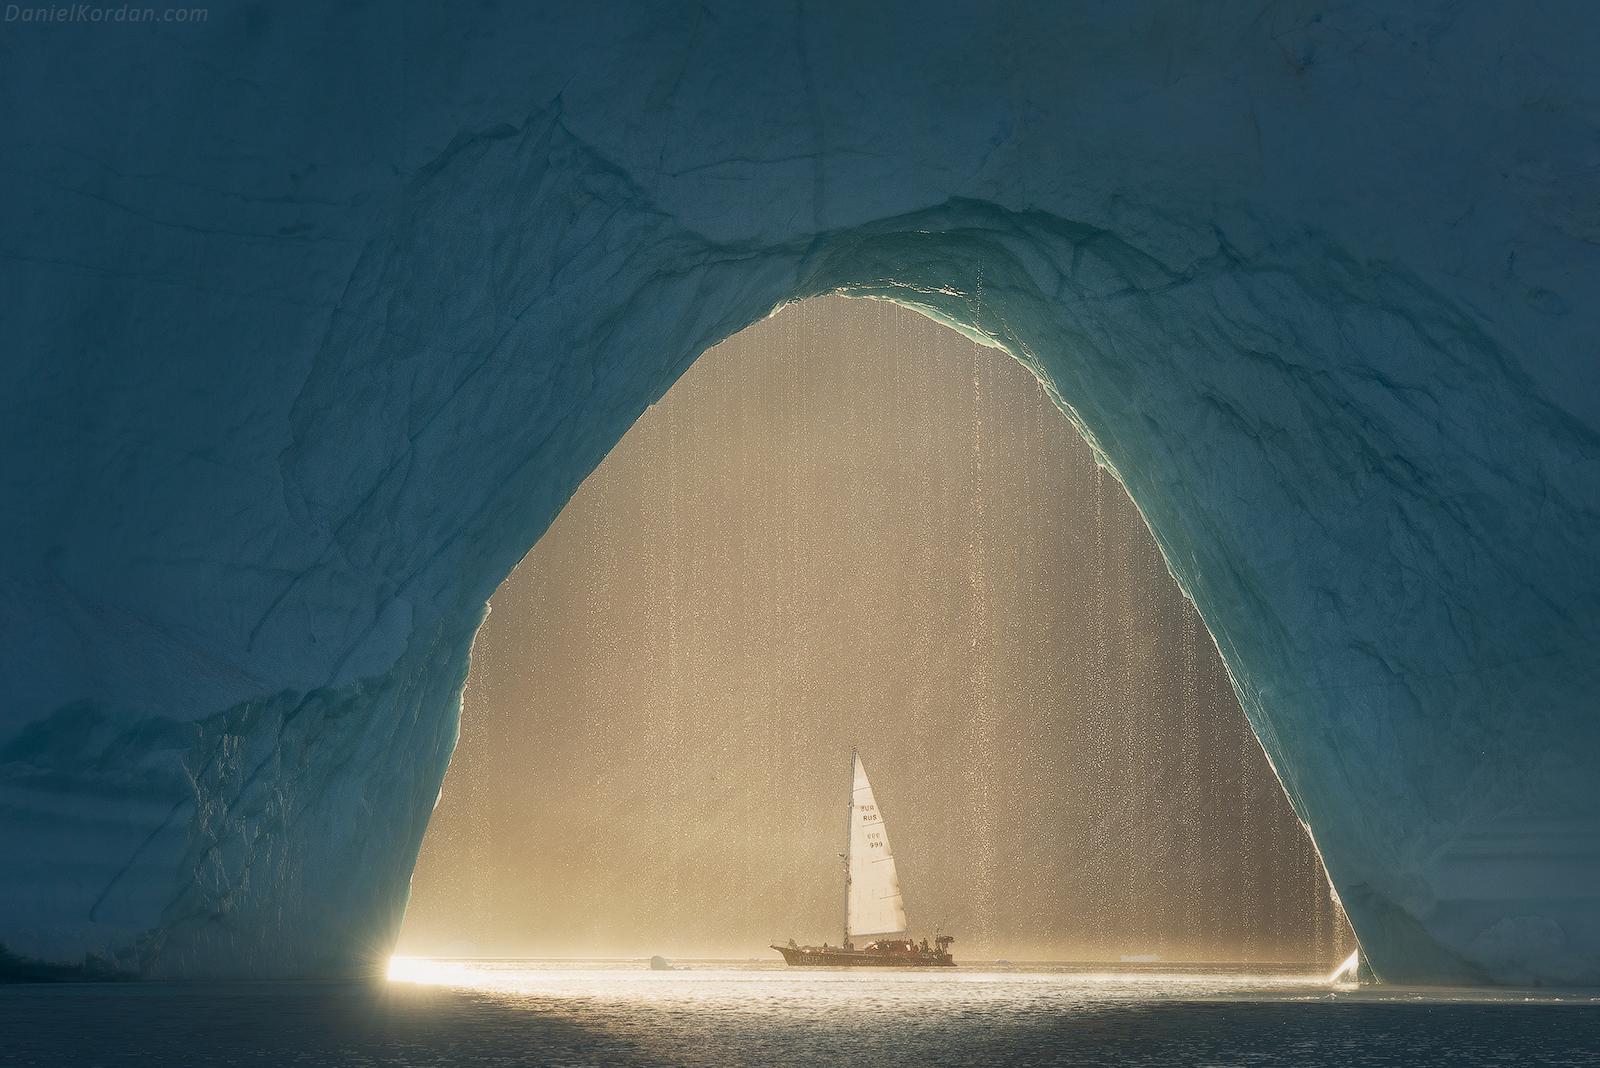 West Greenland Photo Workshop in Disko Bay | Sailing on Schooner - day 1